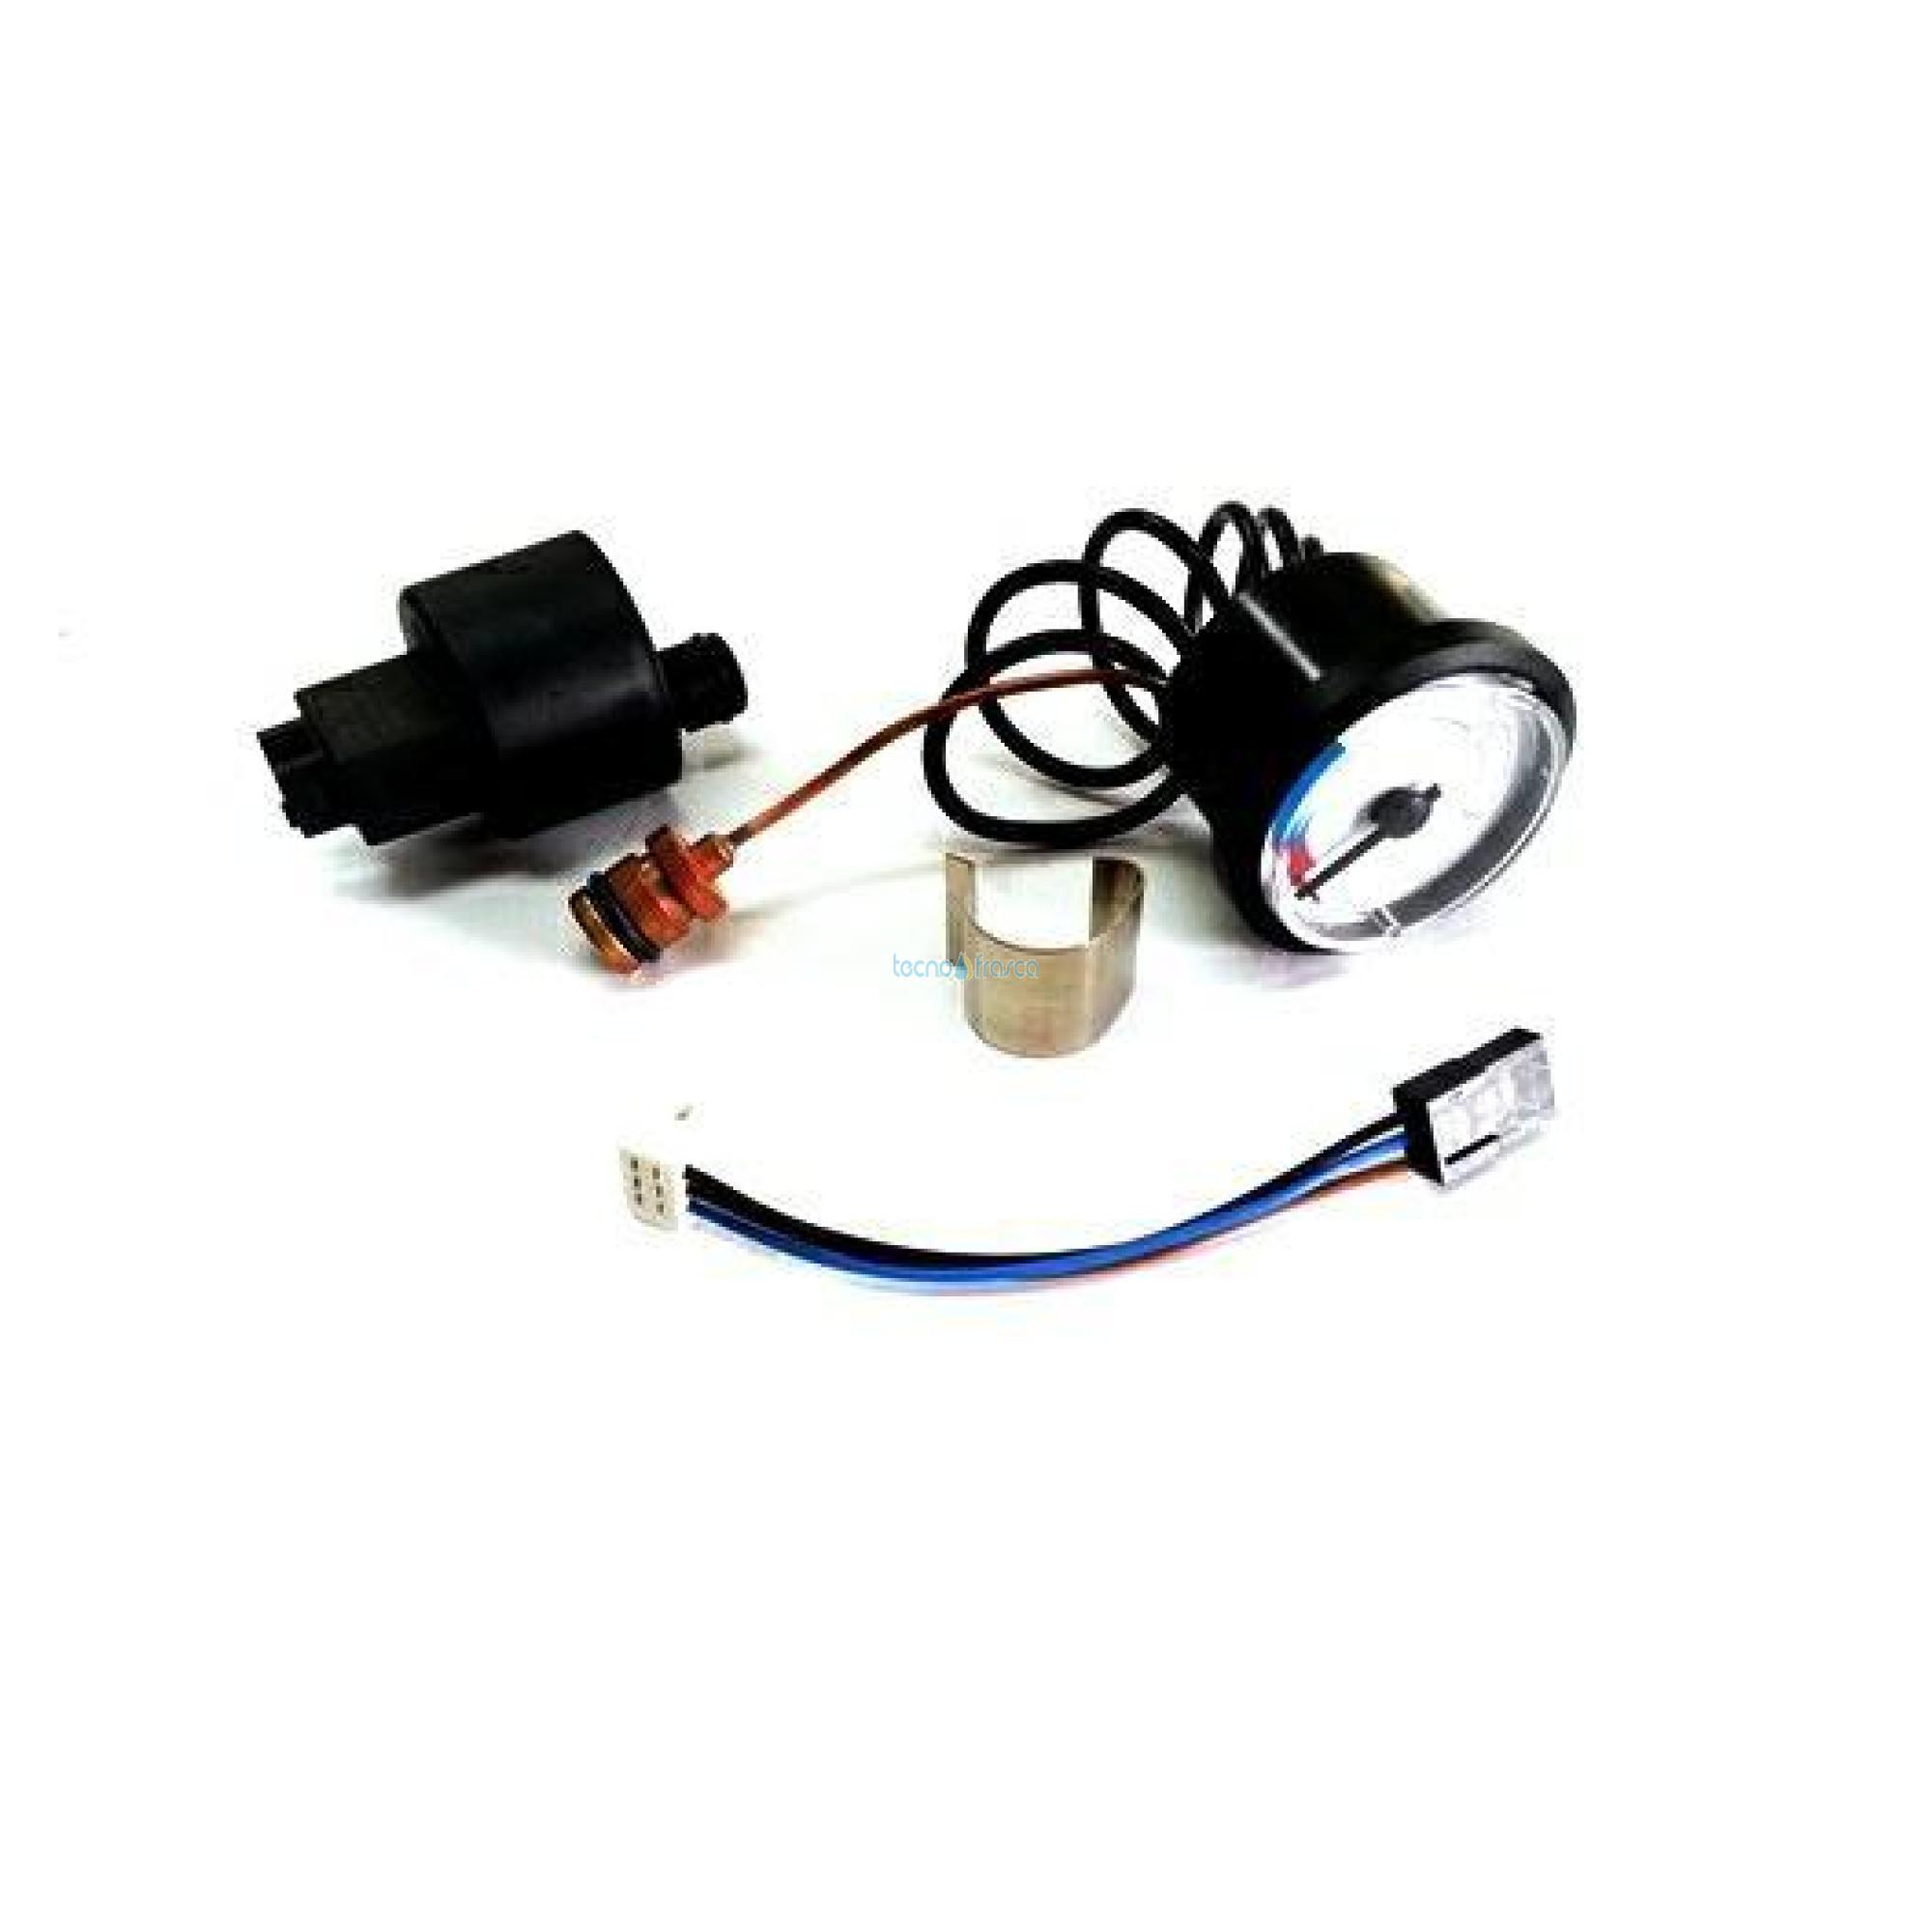 Sylber kit trasduttore di pressione r10025833